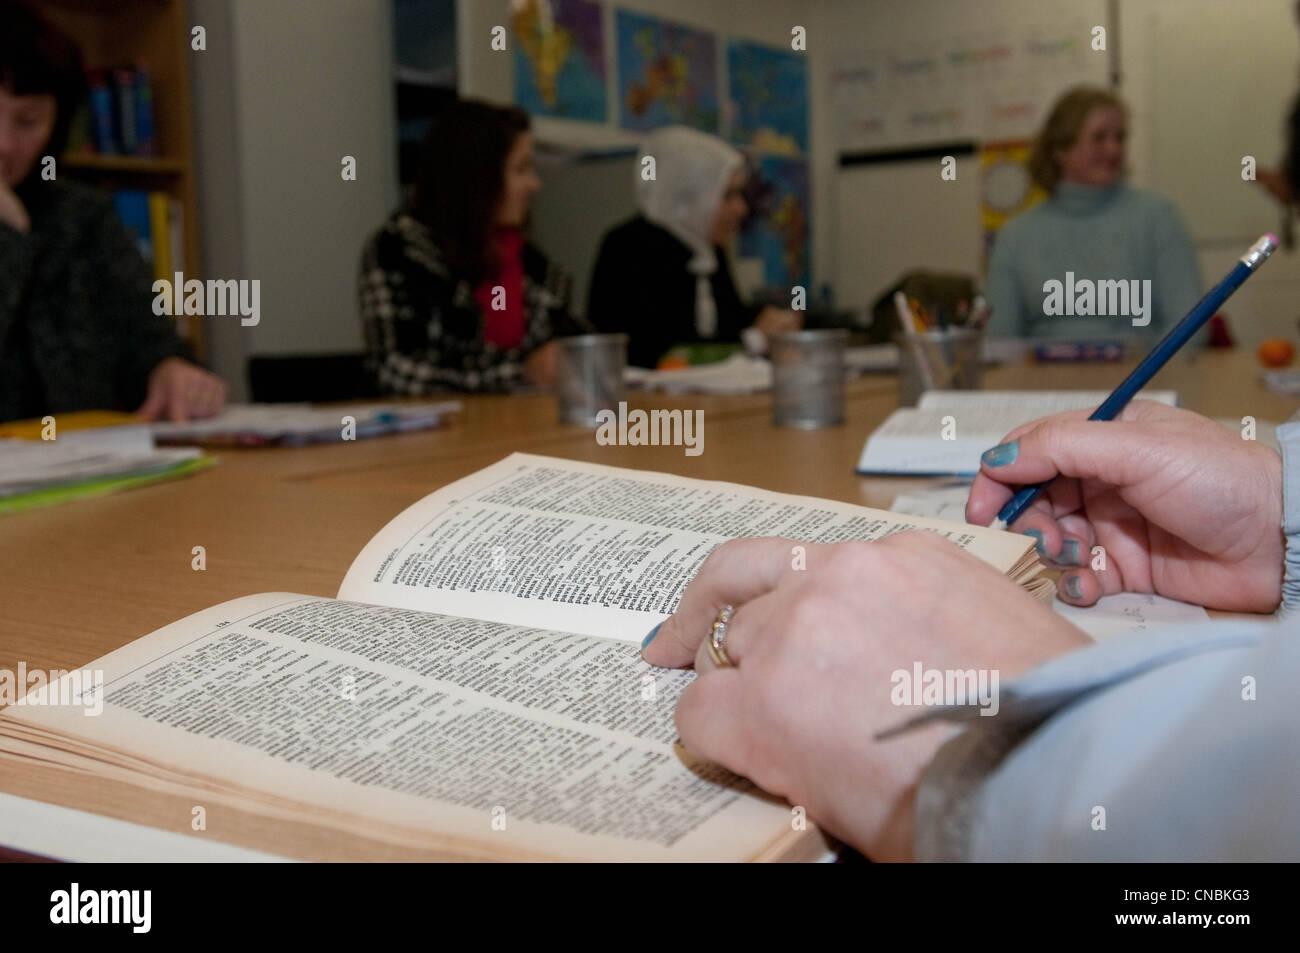 Eine Klasse nicht englische Muttersprachler erlernen grundlegende Lese-, Schreib- und Rechenfähigkeiten Fähigkeiten Stockbild